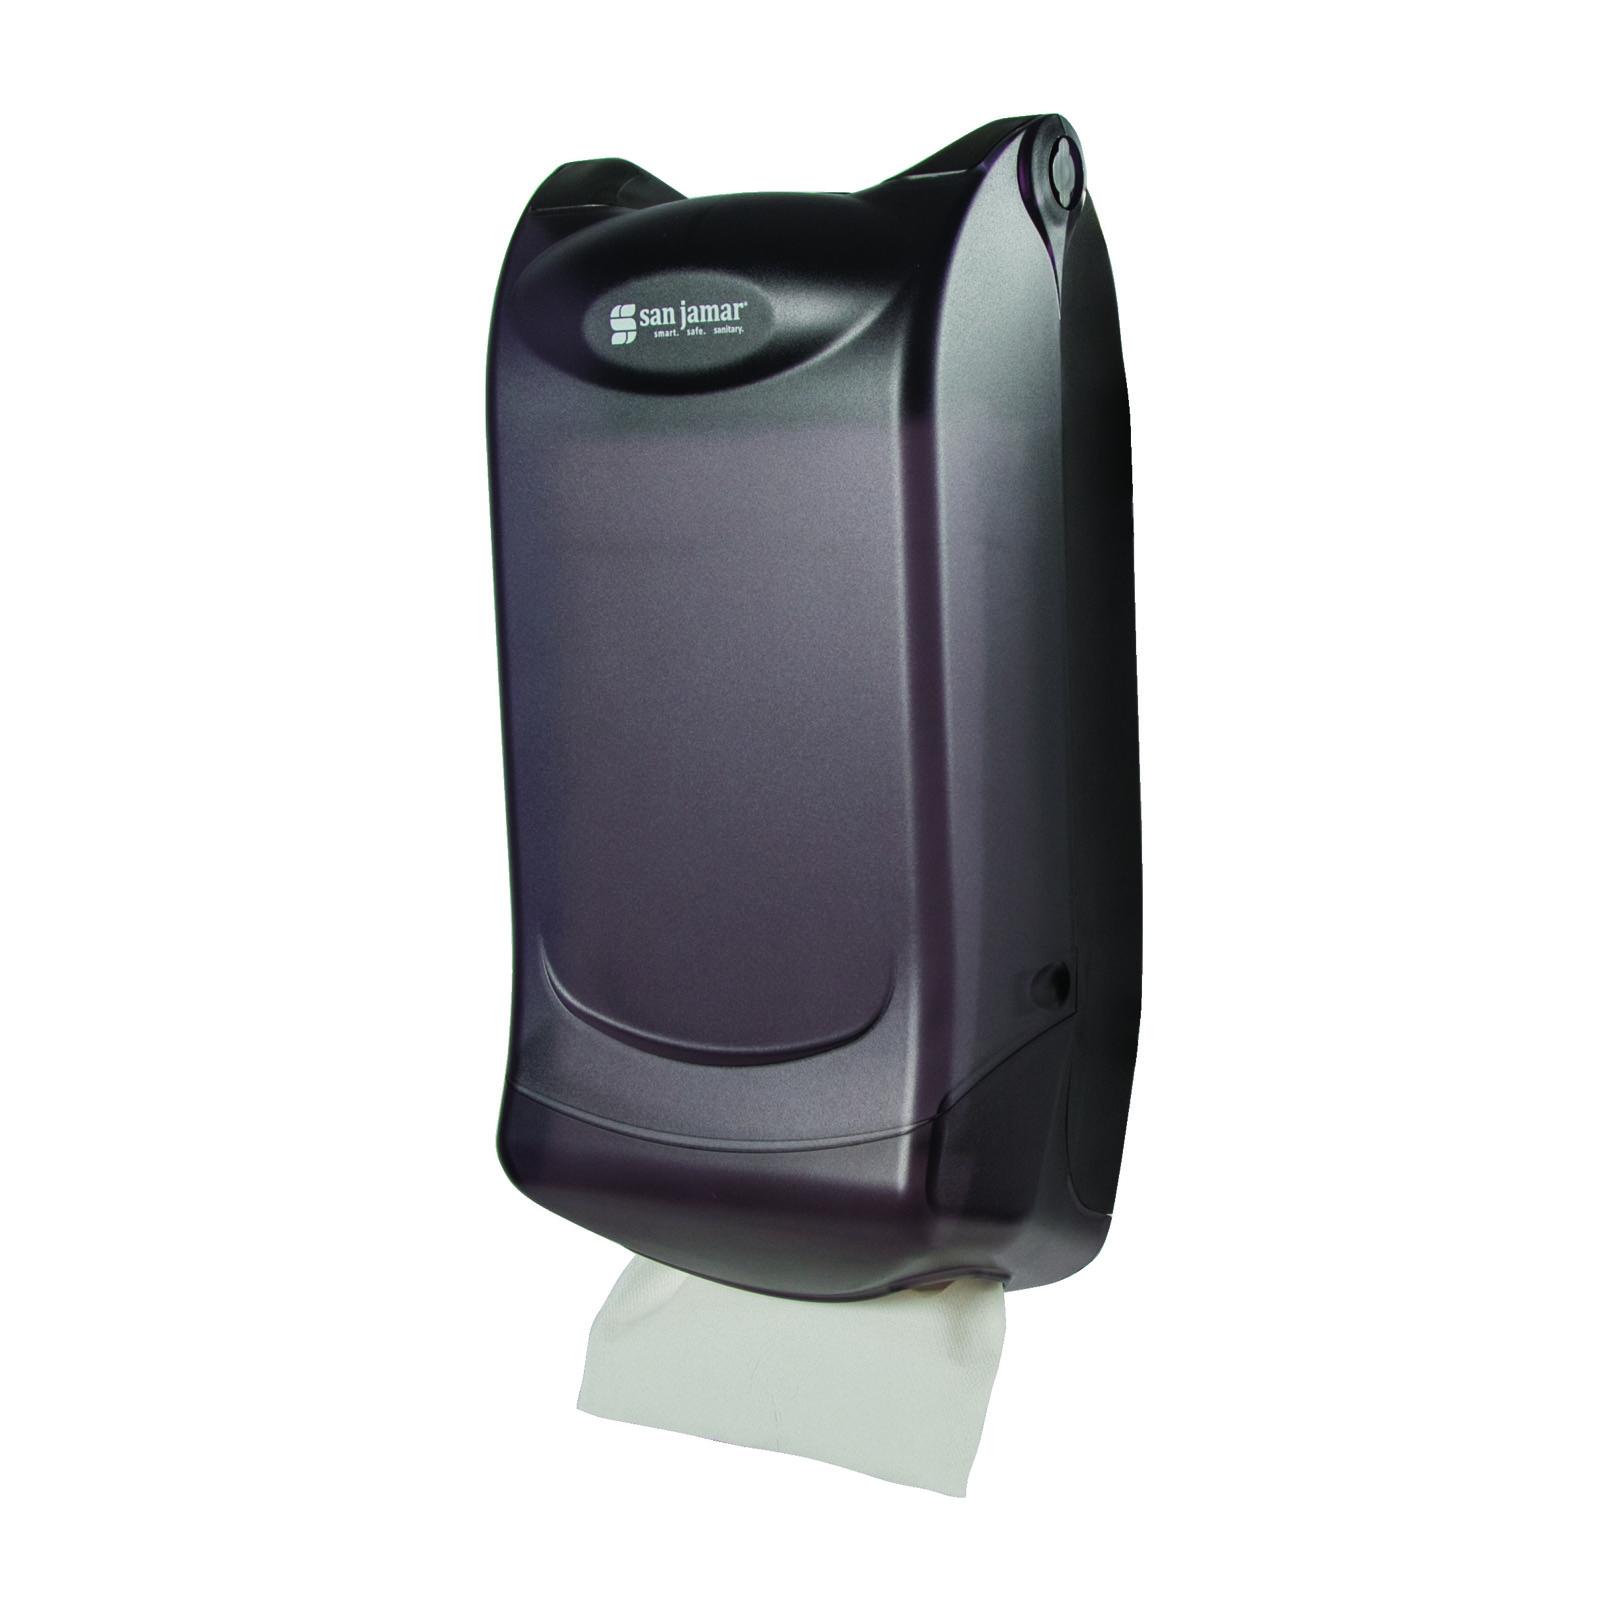 San Jamar H5003PTBK paper napkin dispenser